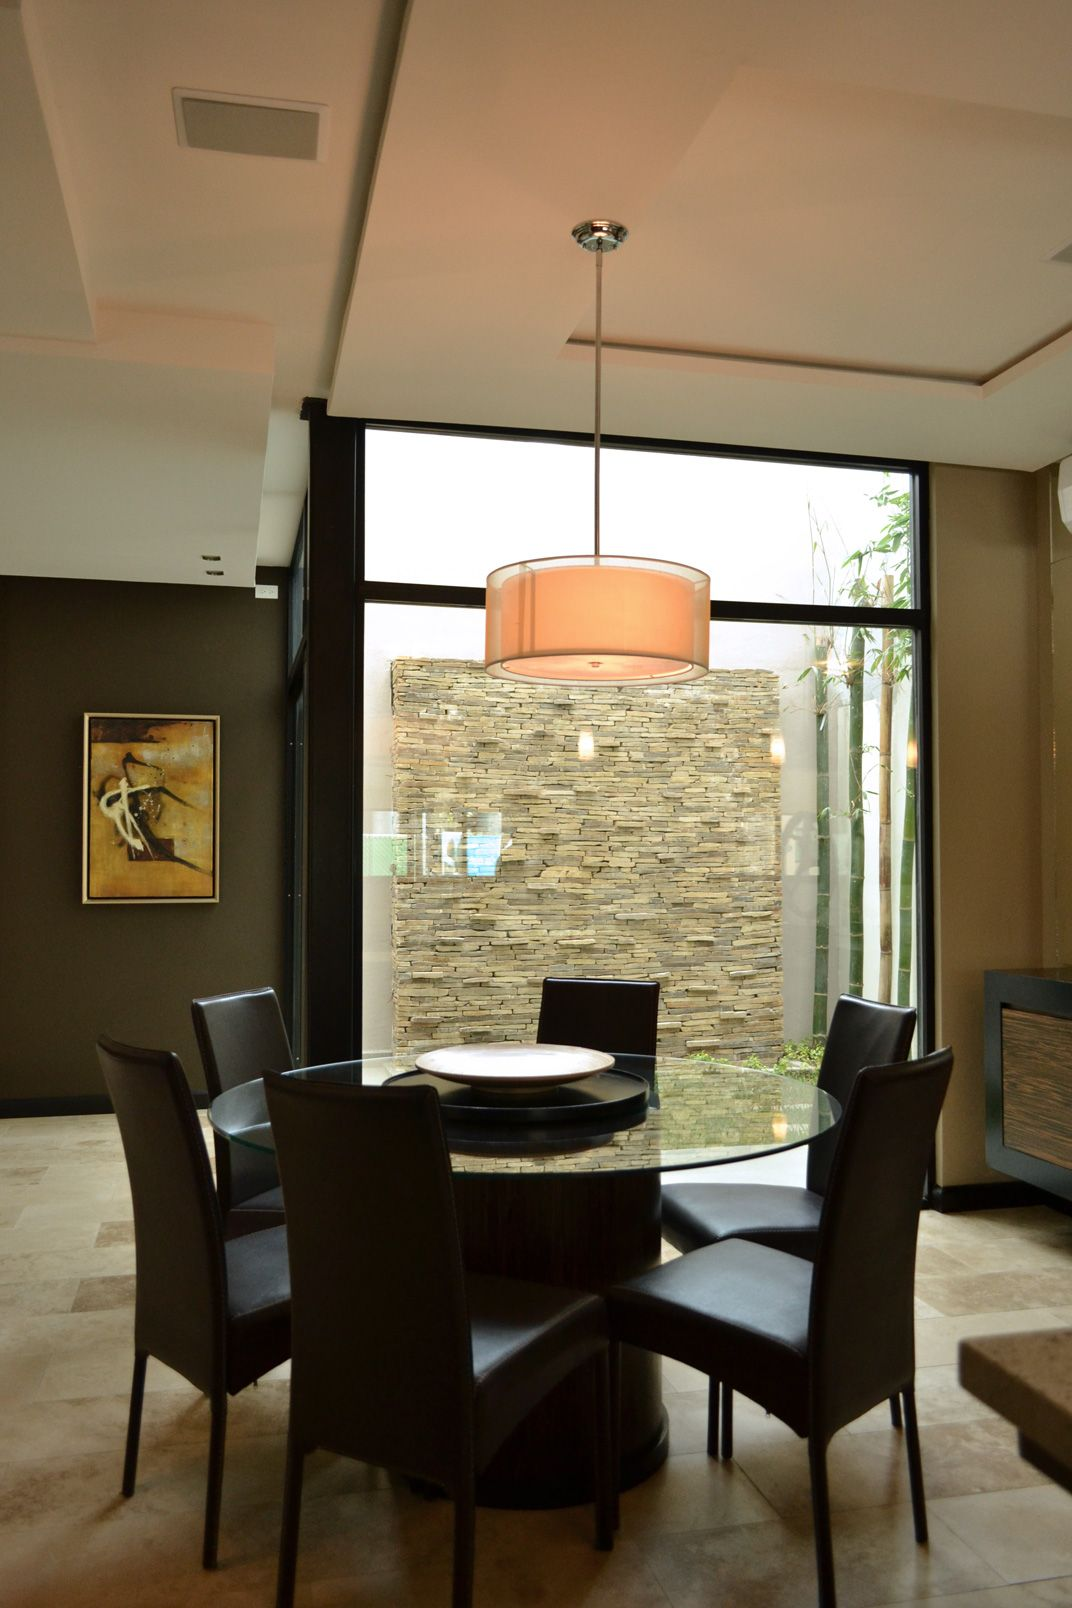 Comedor En Color Negro Con Vista A Jardin Interior Grupo Agora  # Muebles Haus Monterrey